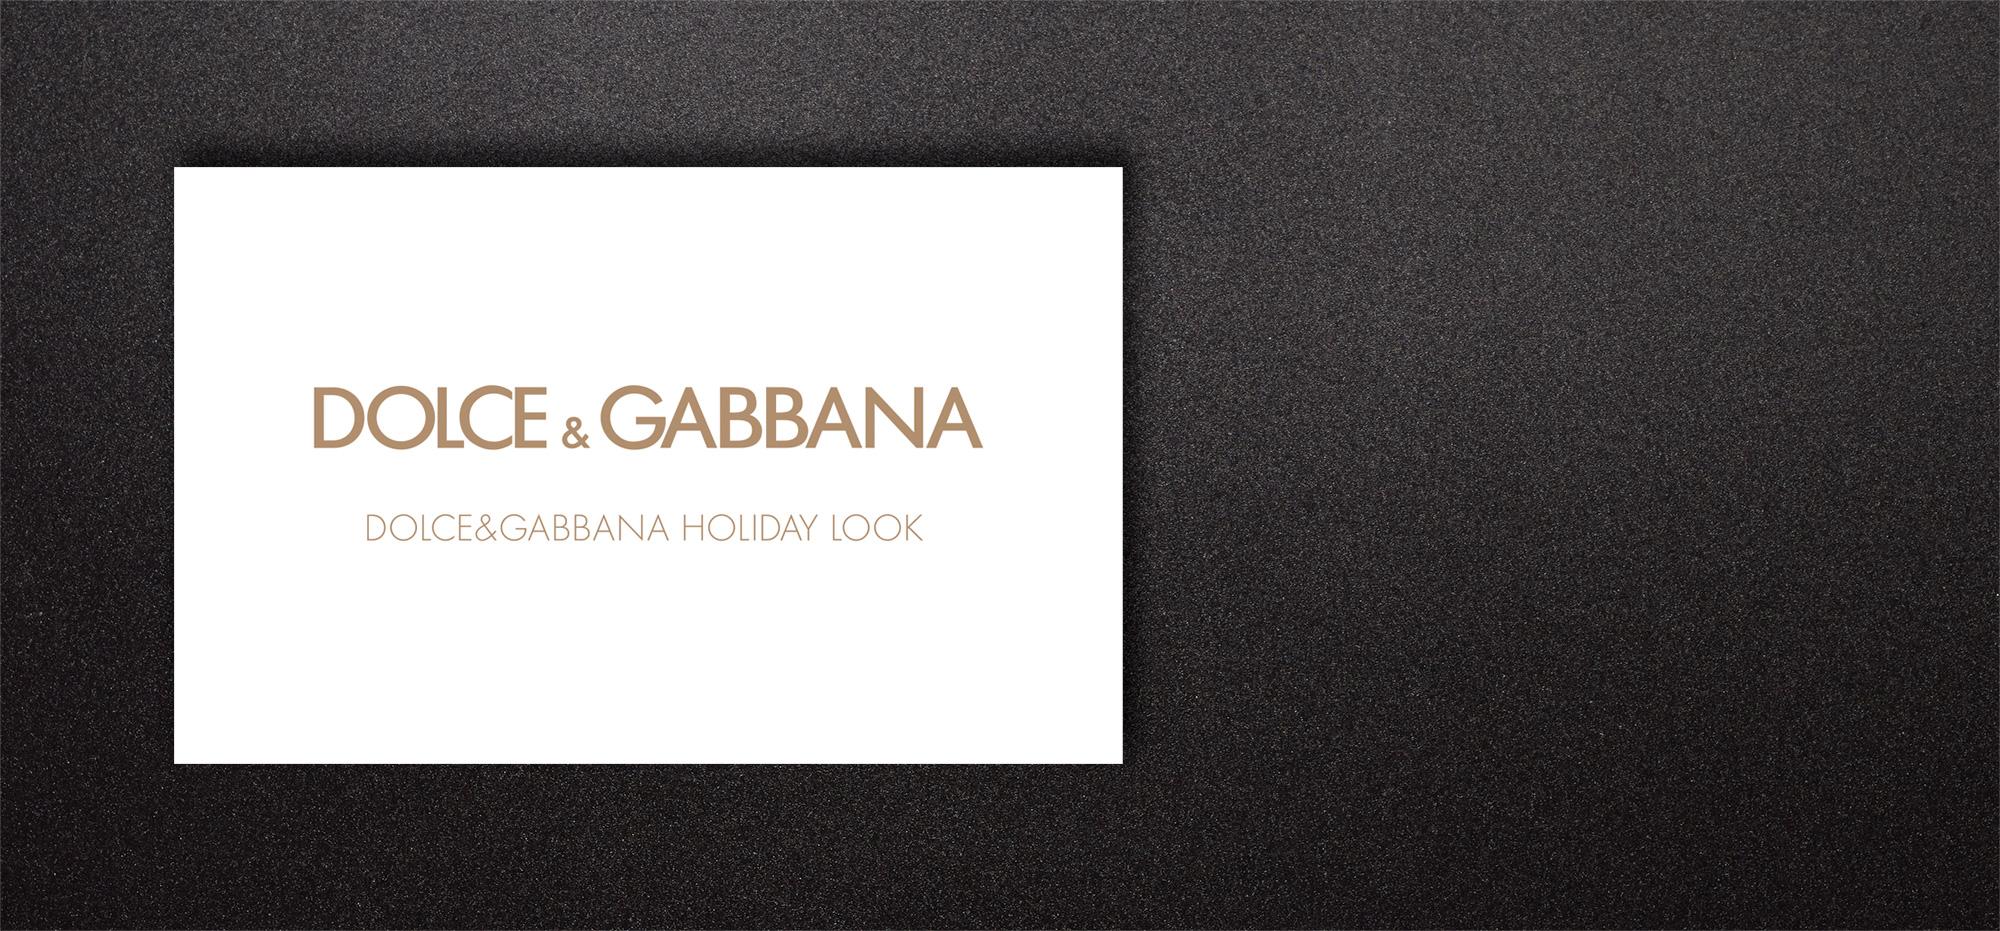 dolce&gabbana-invitation-02A